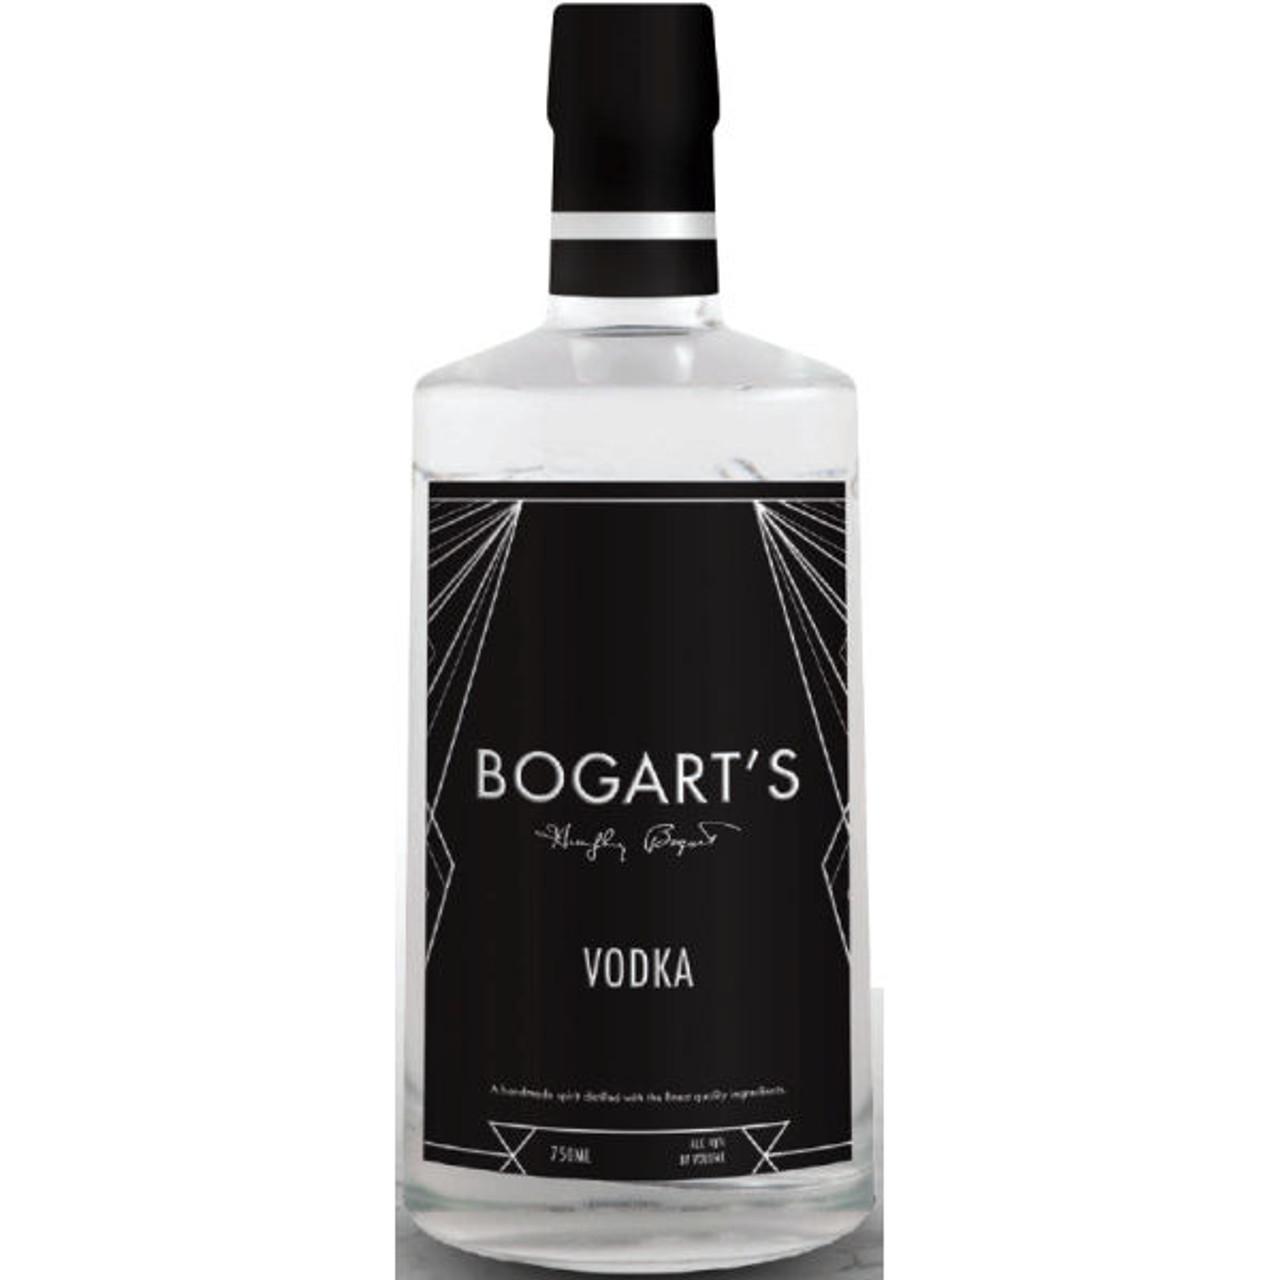 Bogart's Vodka 750ml